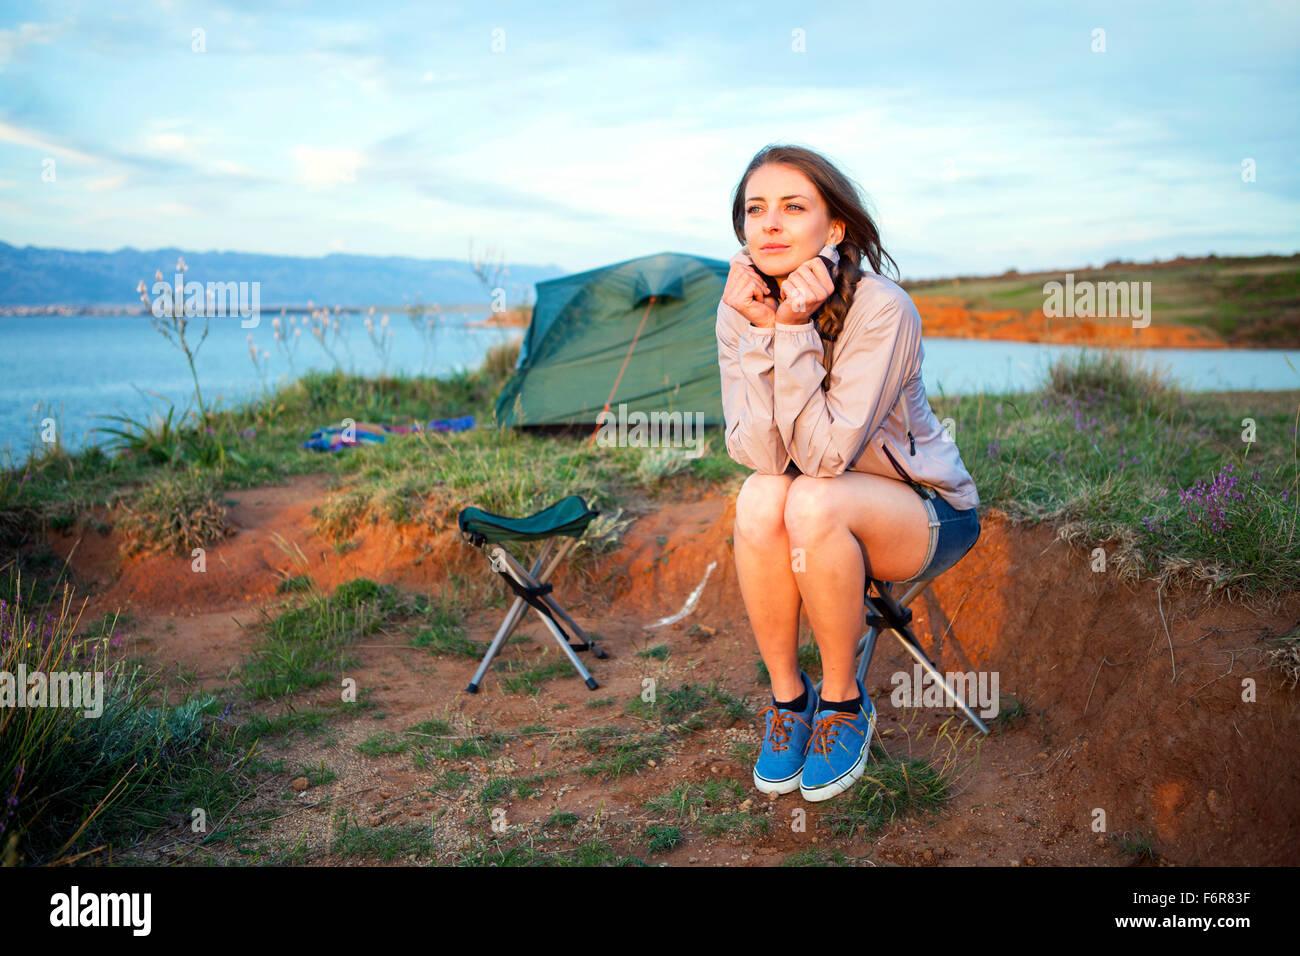 Junge Frau am Campingplatz Tagträumen Stockbild